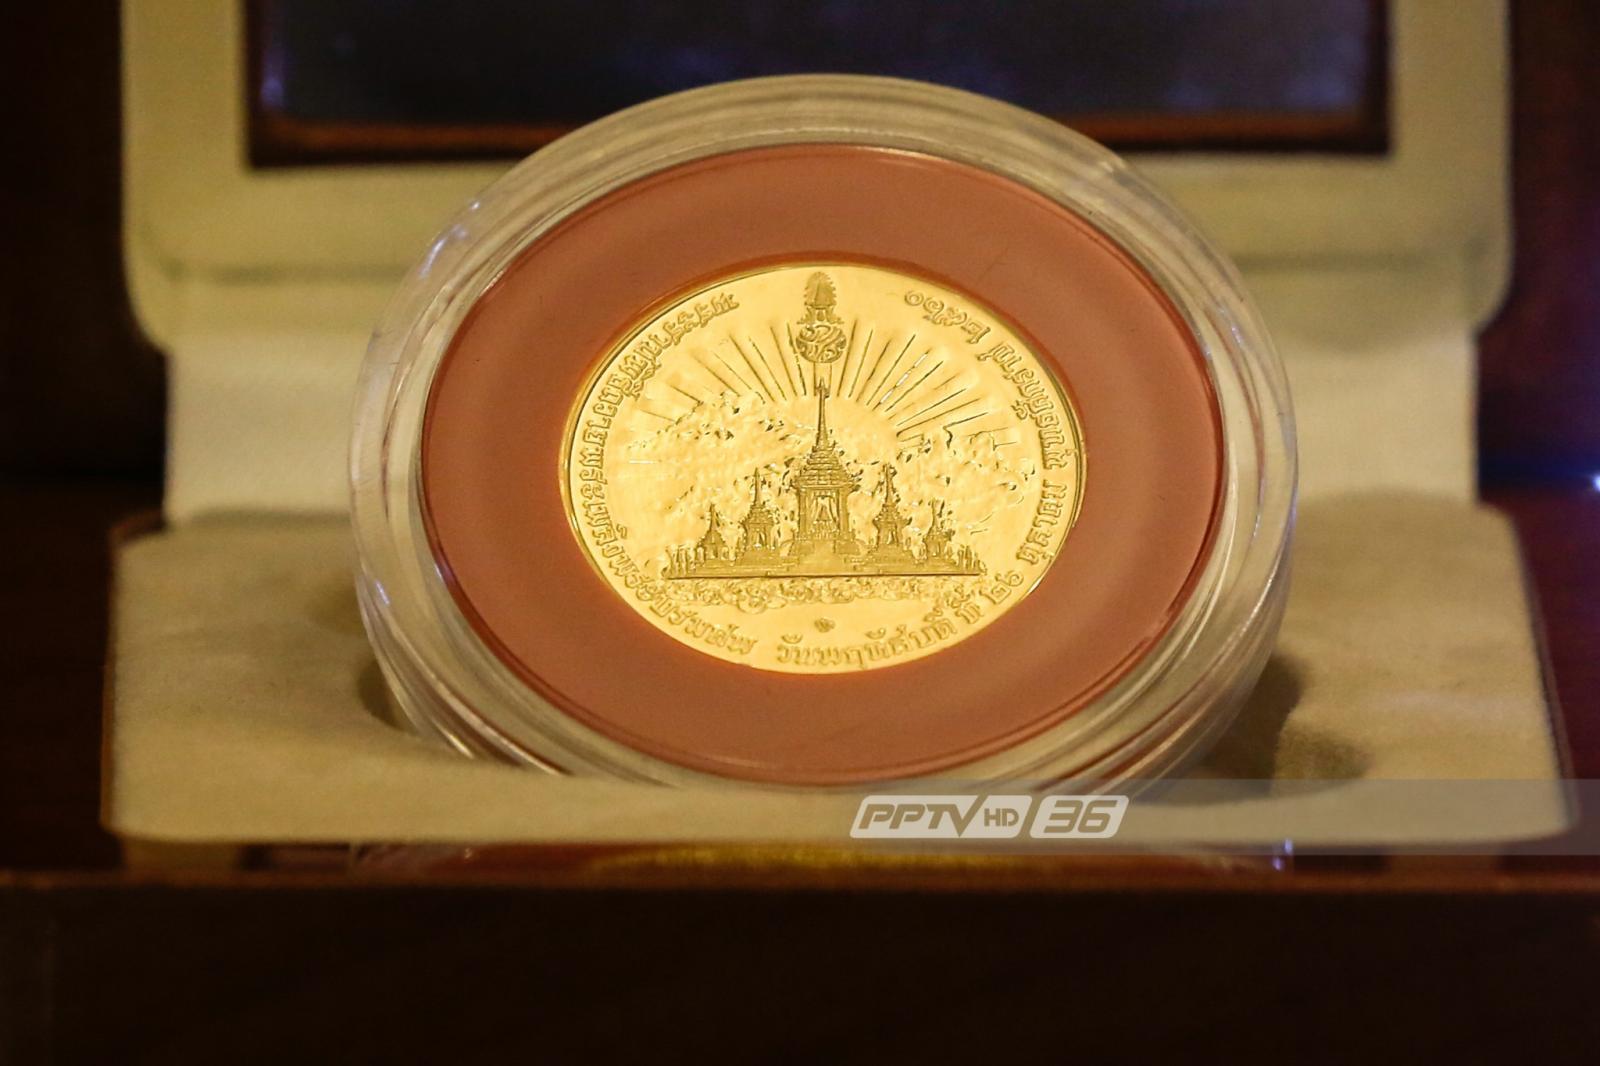 เหรียญเงินหมด! ธนารักษ์แจงยอดจองเหรียญที่ระลึก ร.9